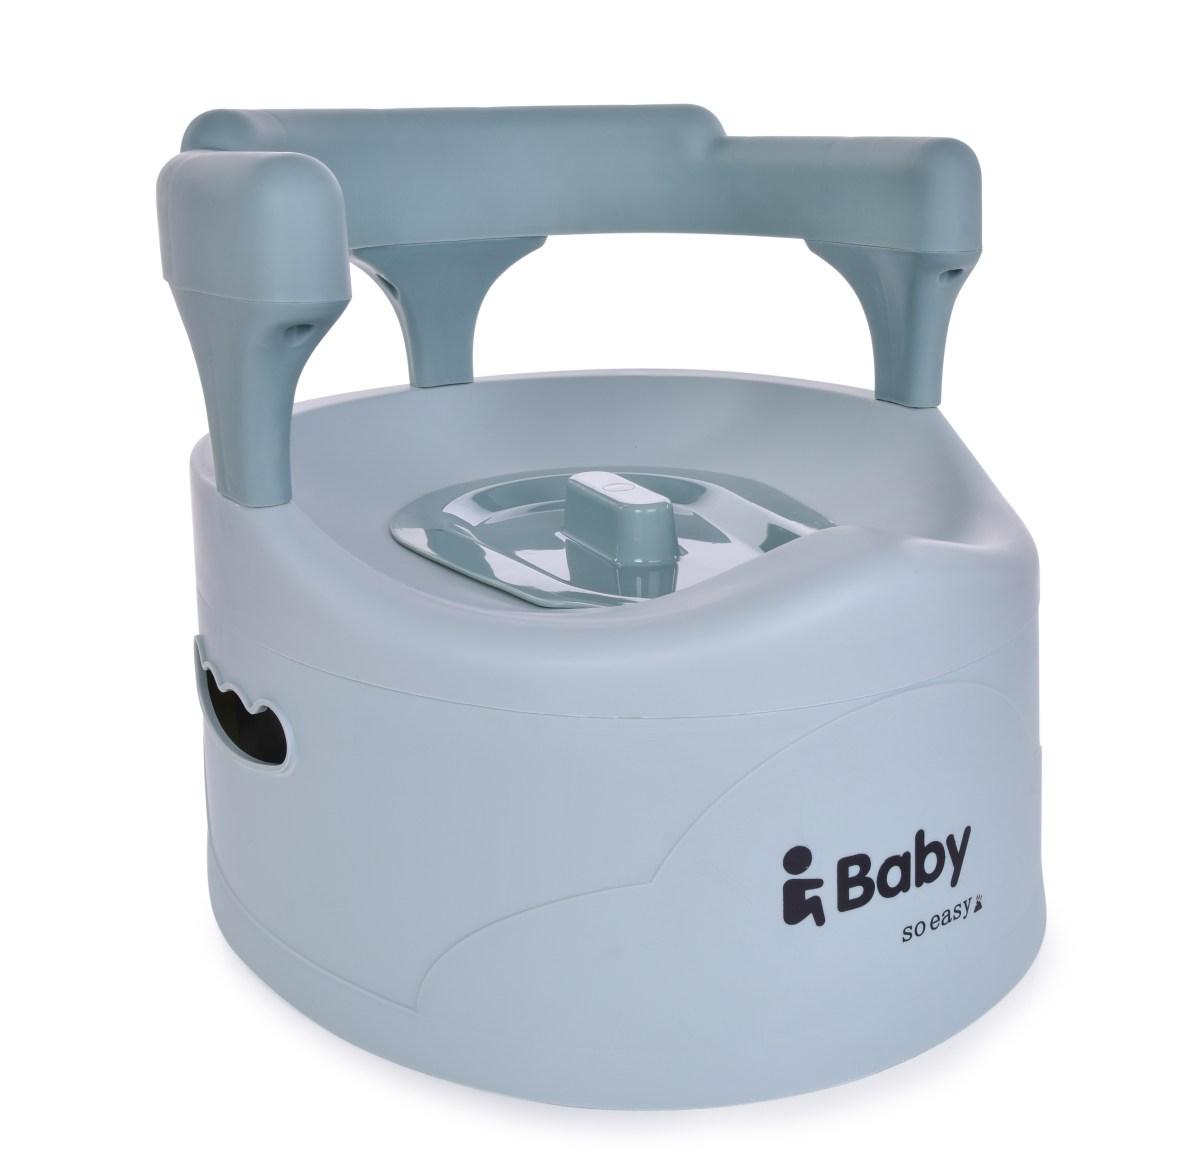 BABY TRŮN nočník pro děti s opěradlem mintový